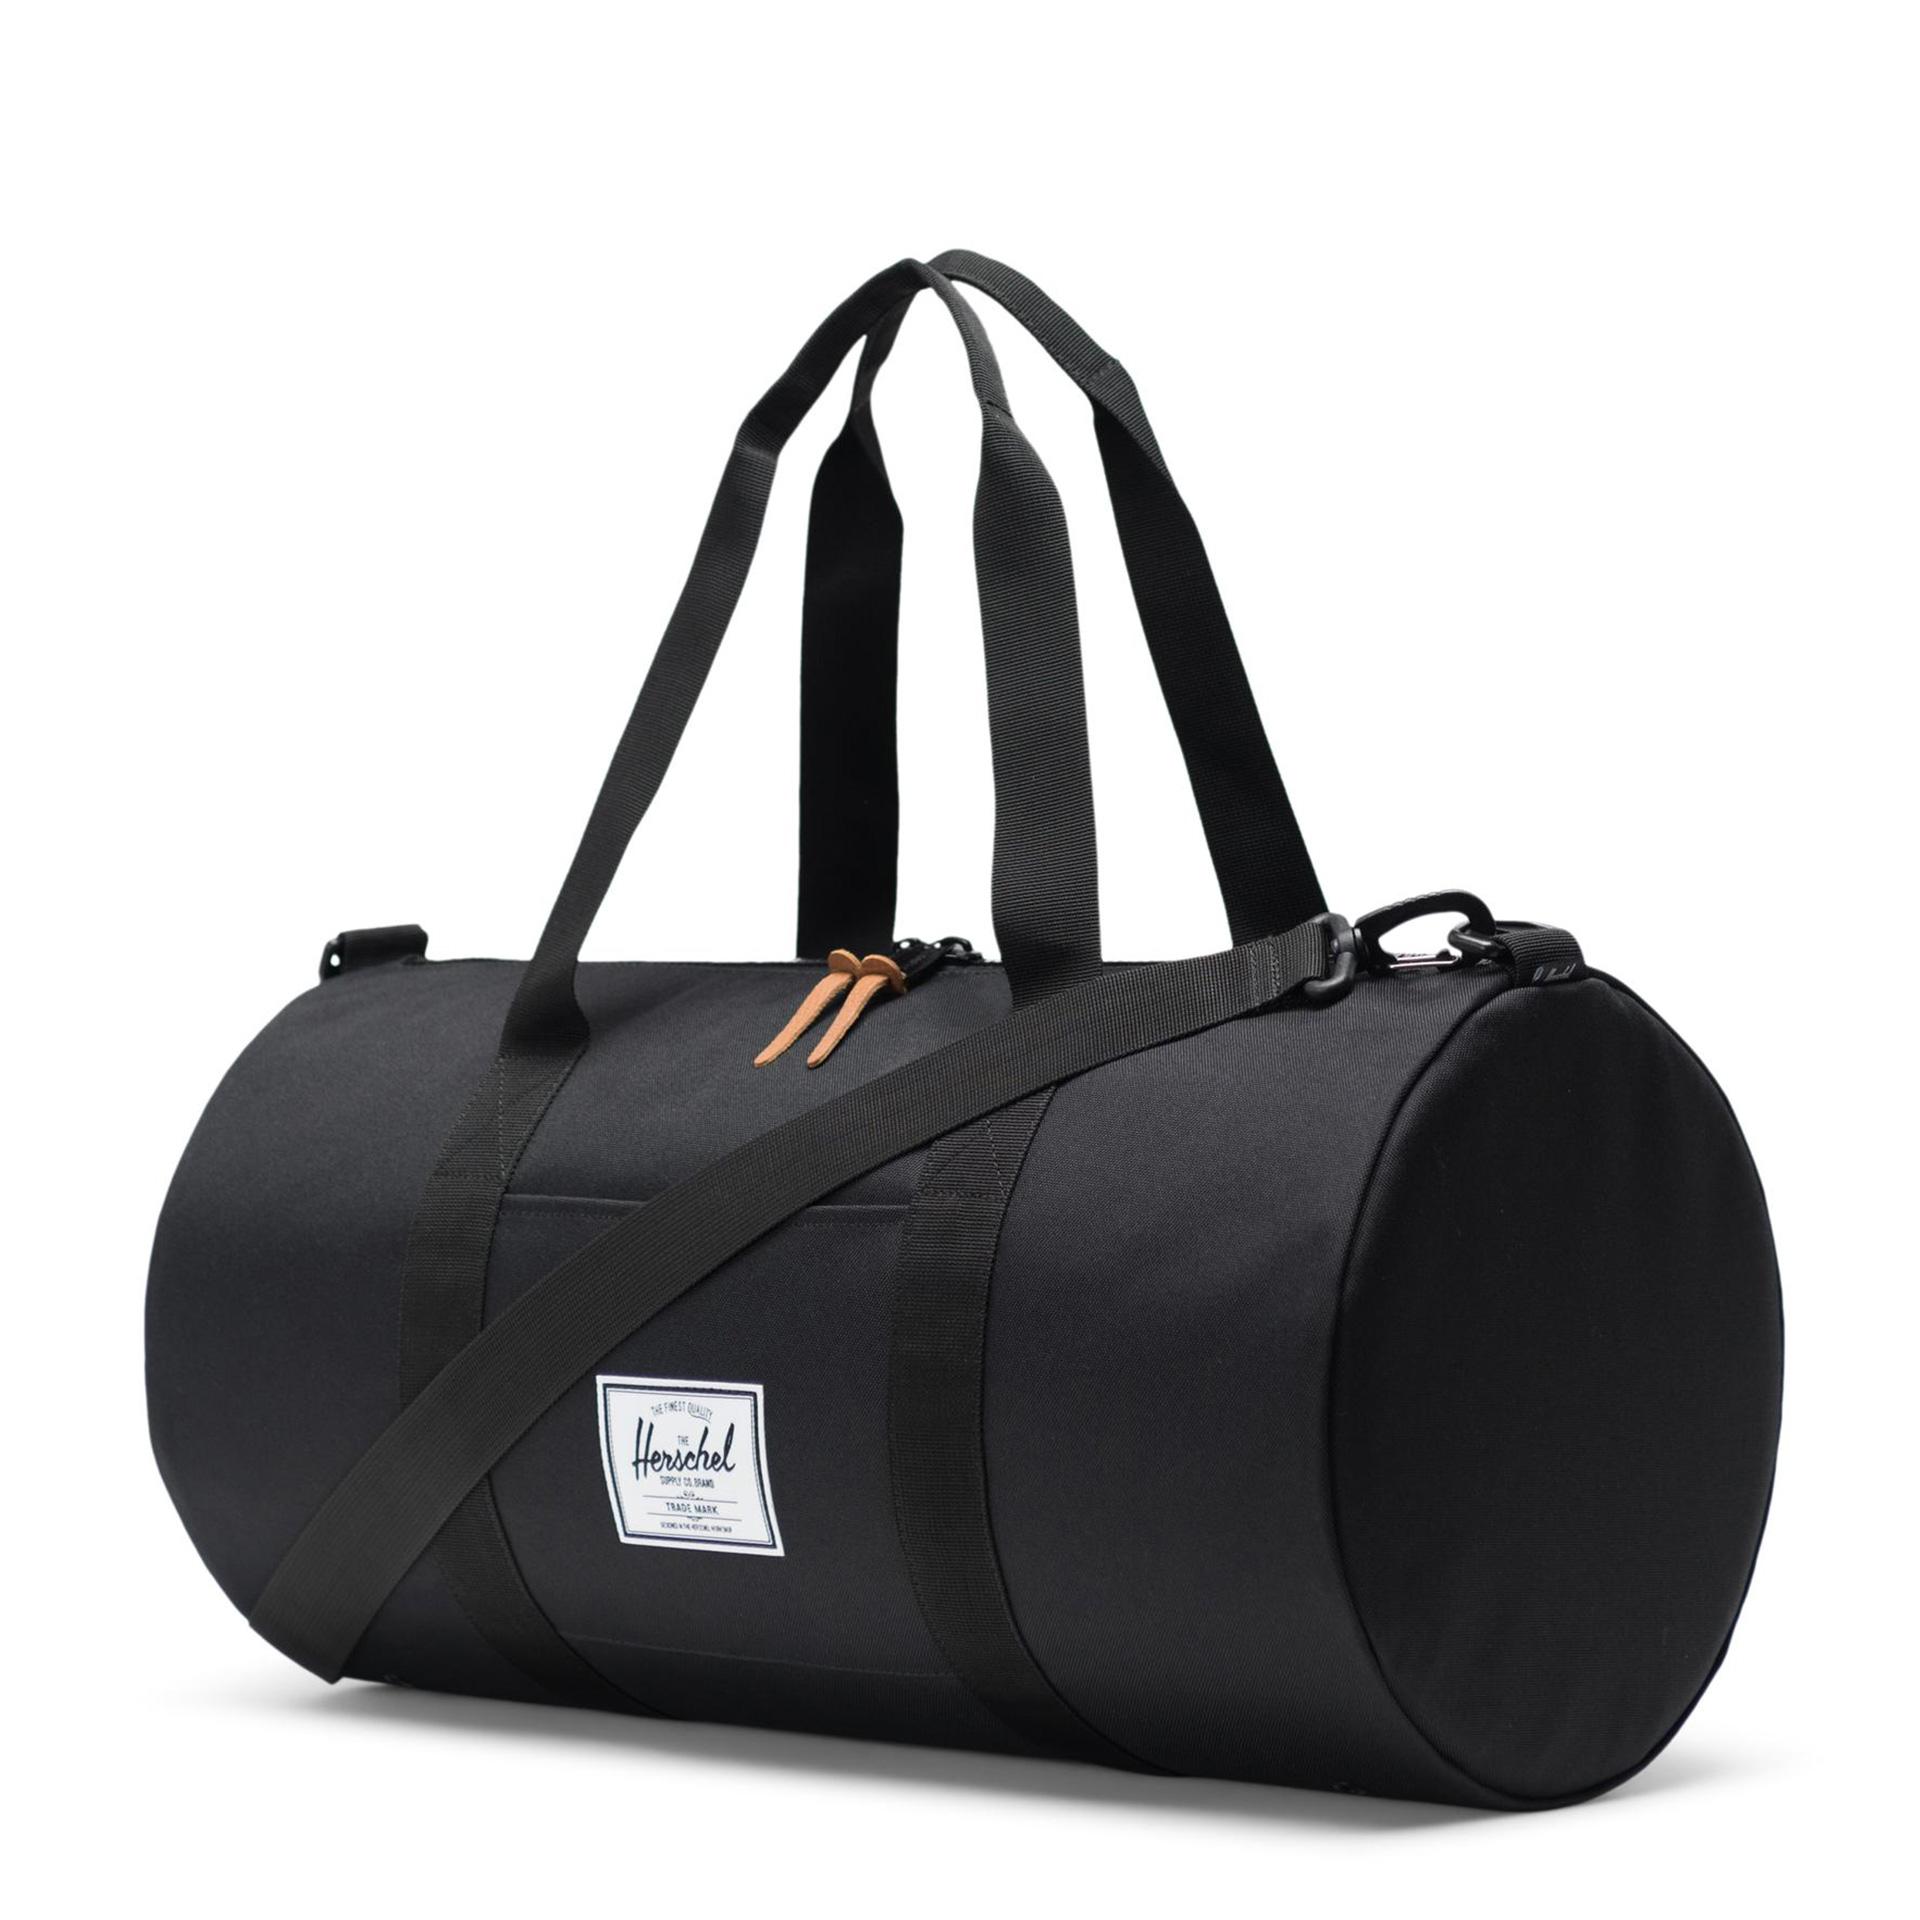 Sutton Reisetasche black